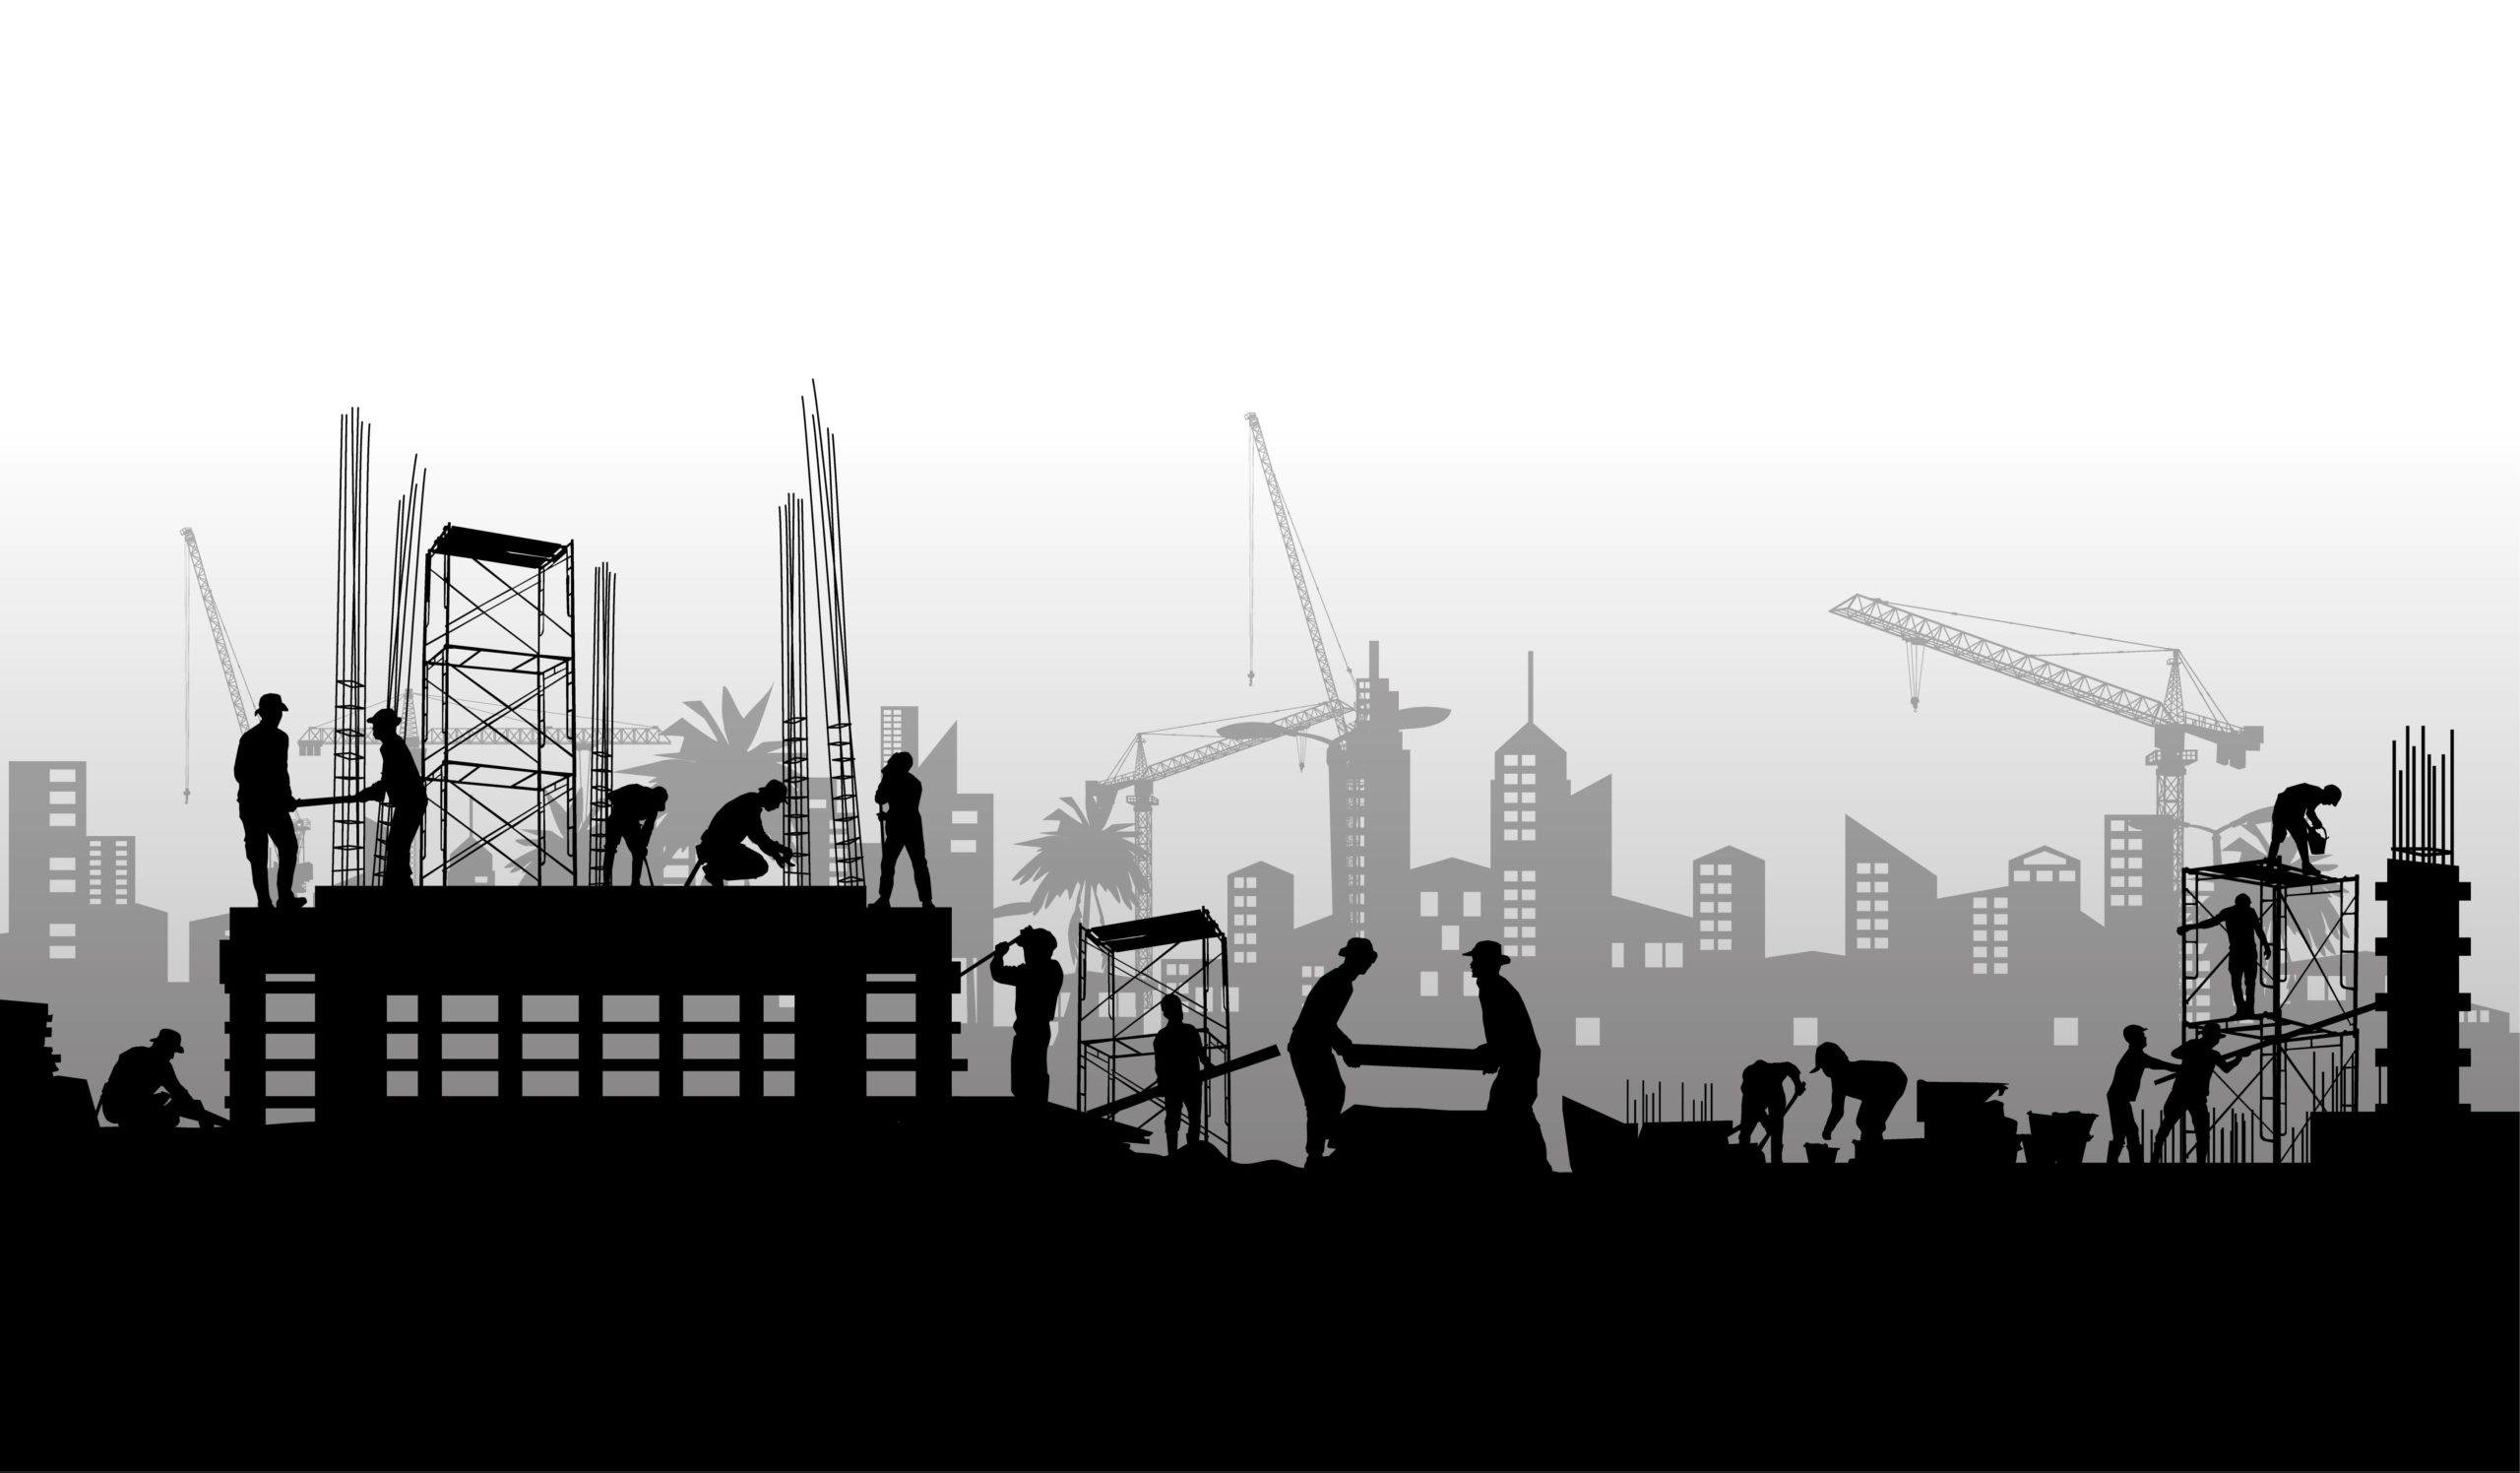 batiment-emissions-carbones-chantier